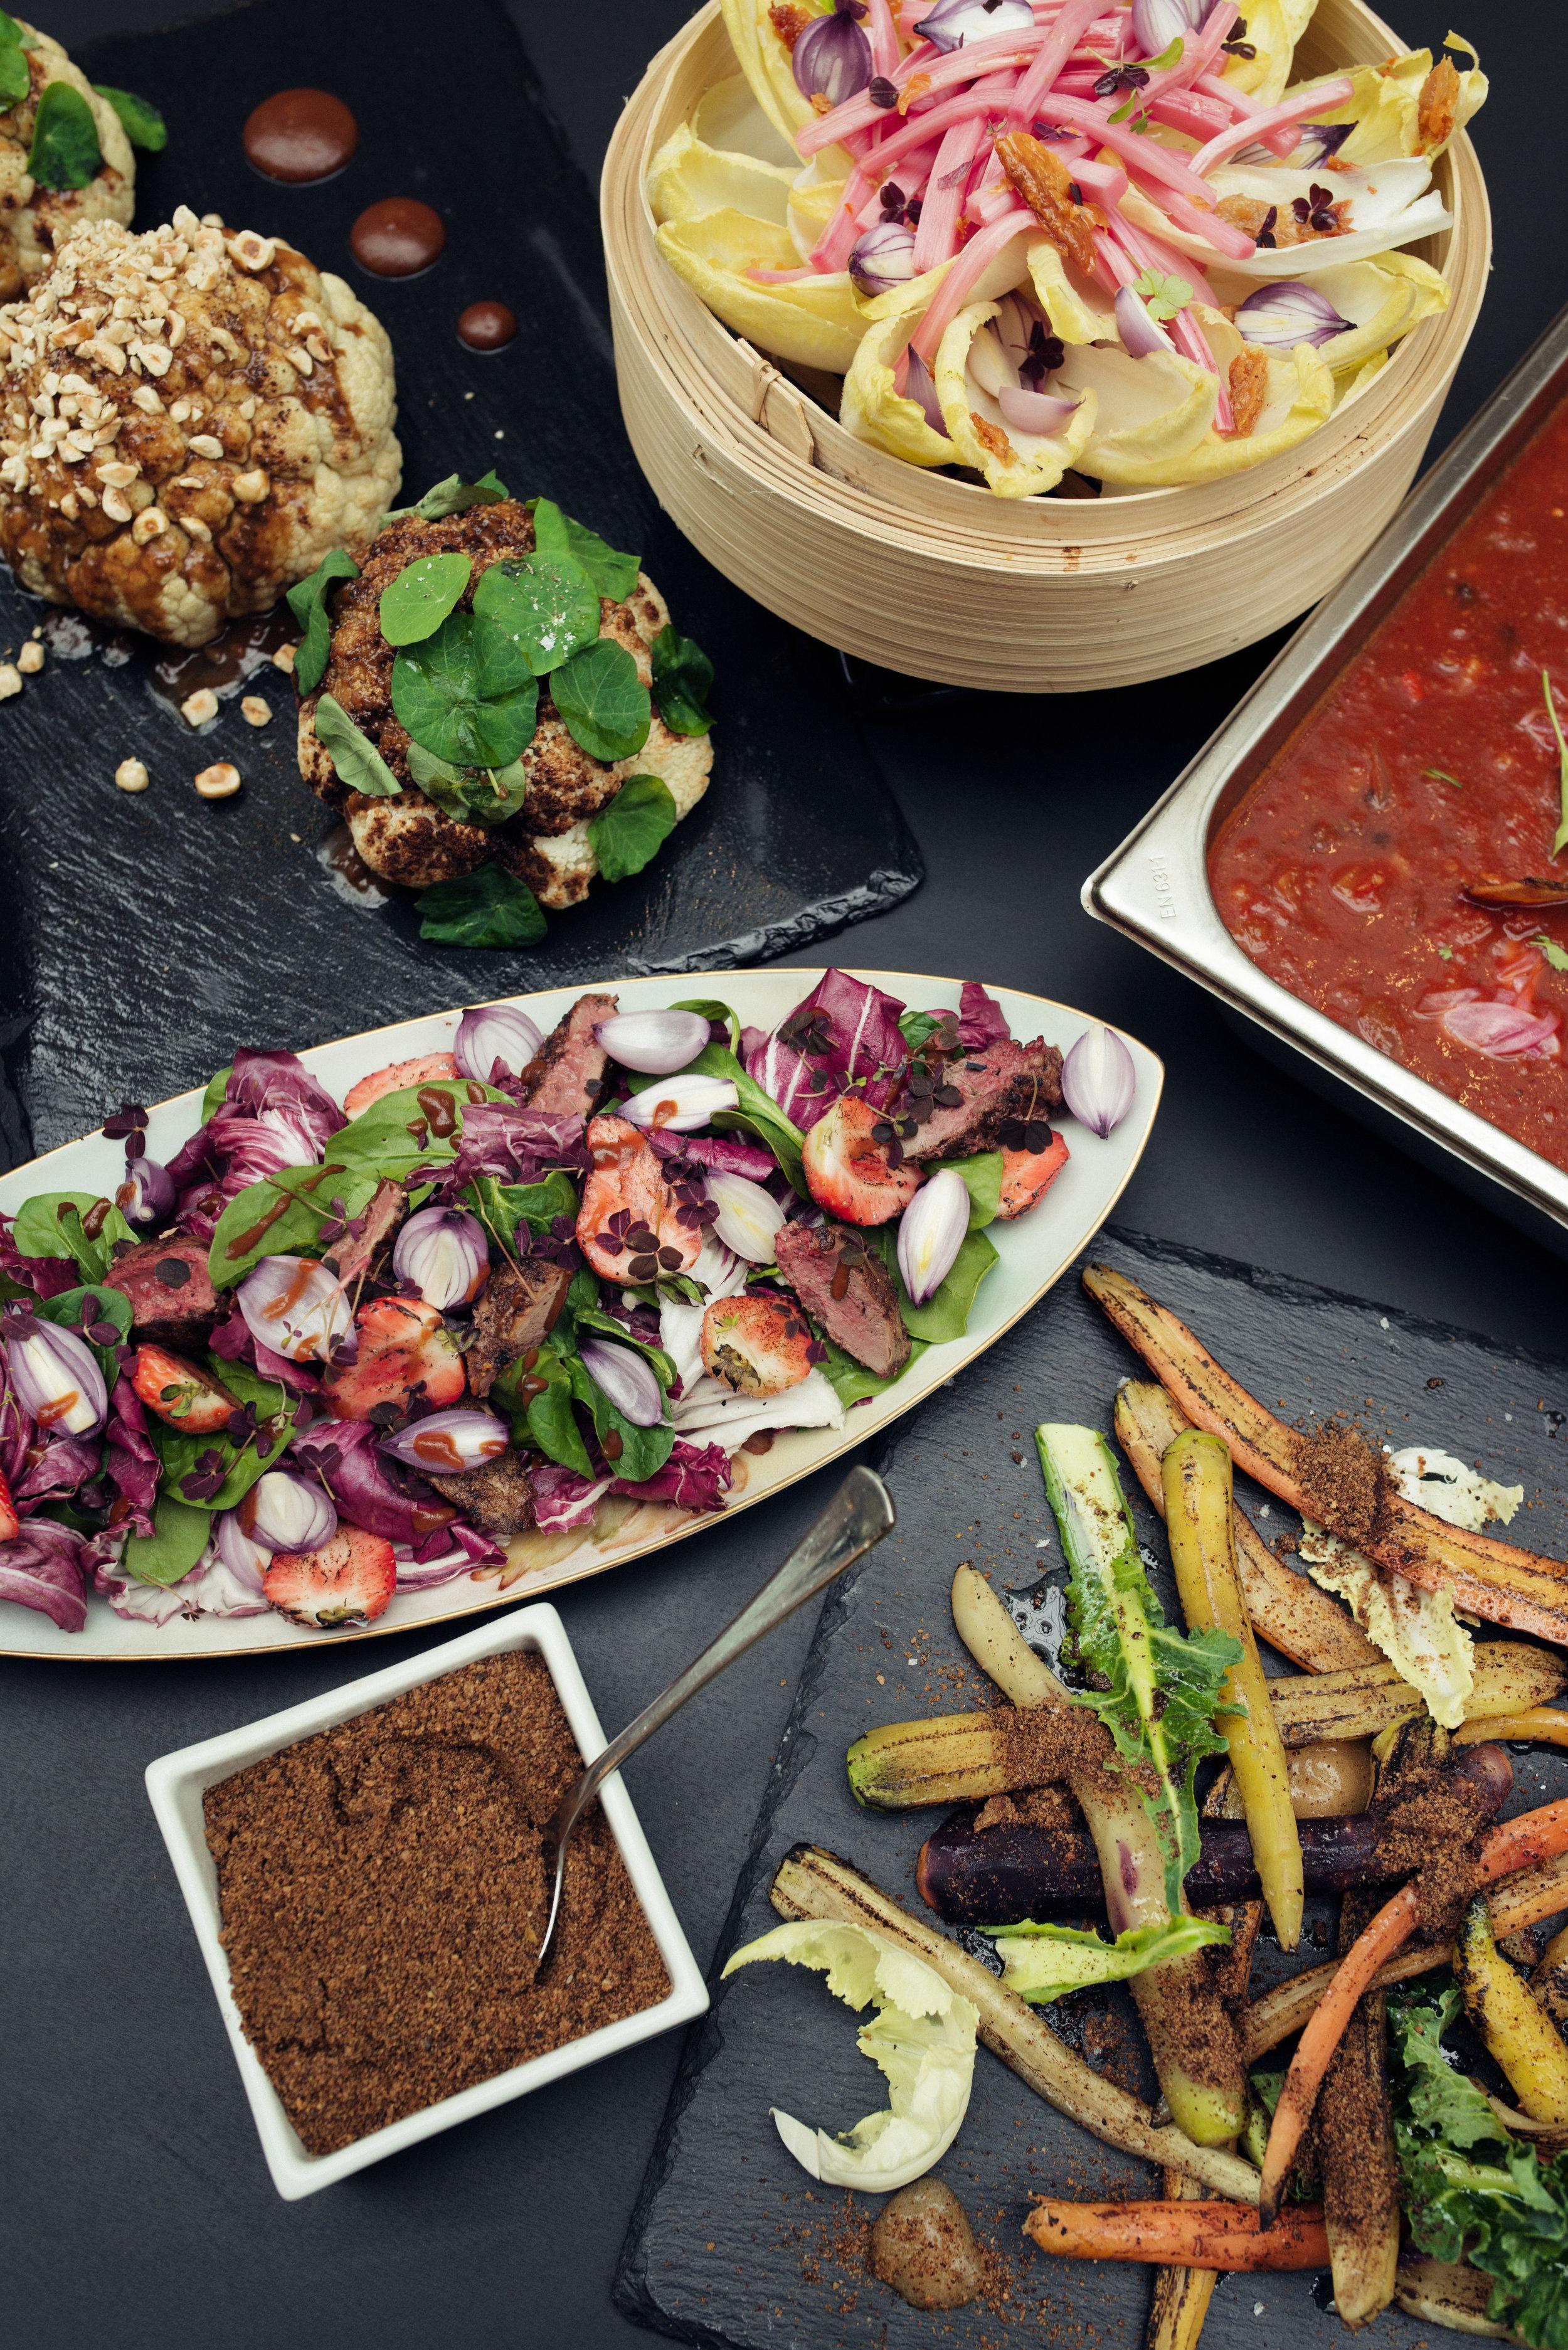 Dugurd-du godeste.kantine-økologisk-lunsj-restaurant-variasjon